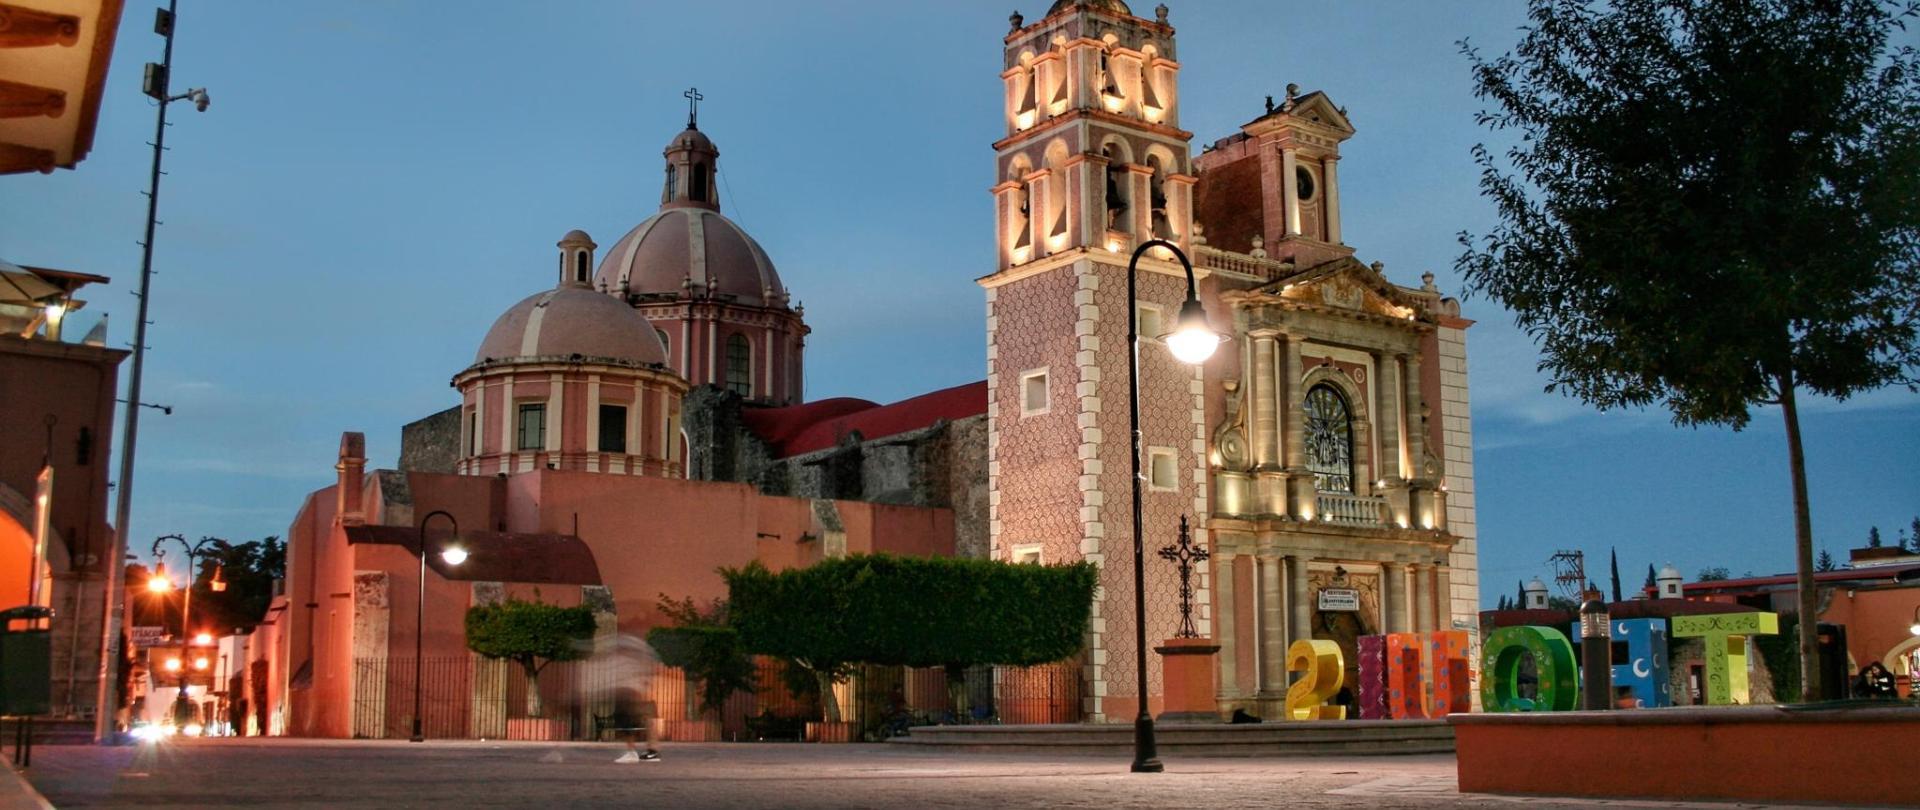 Hotel Rio Tequisquiapan Experiencias y Lugares de Interes (2).jpg